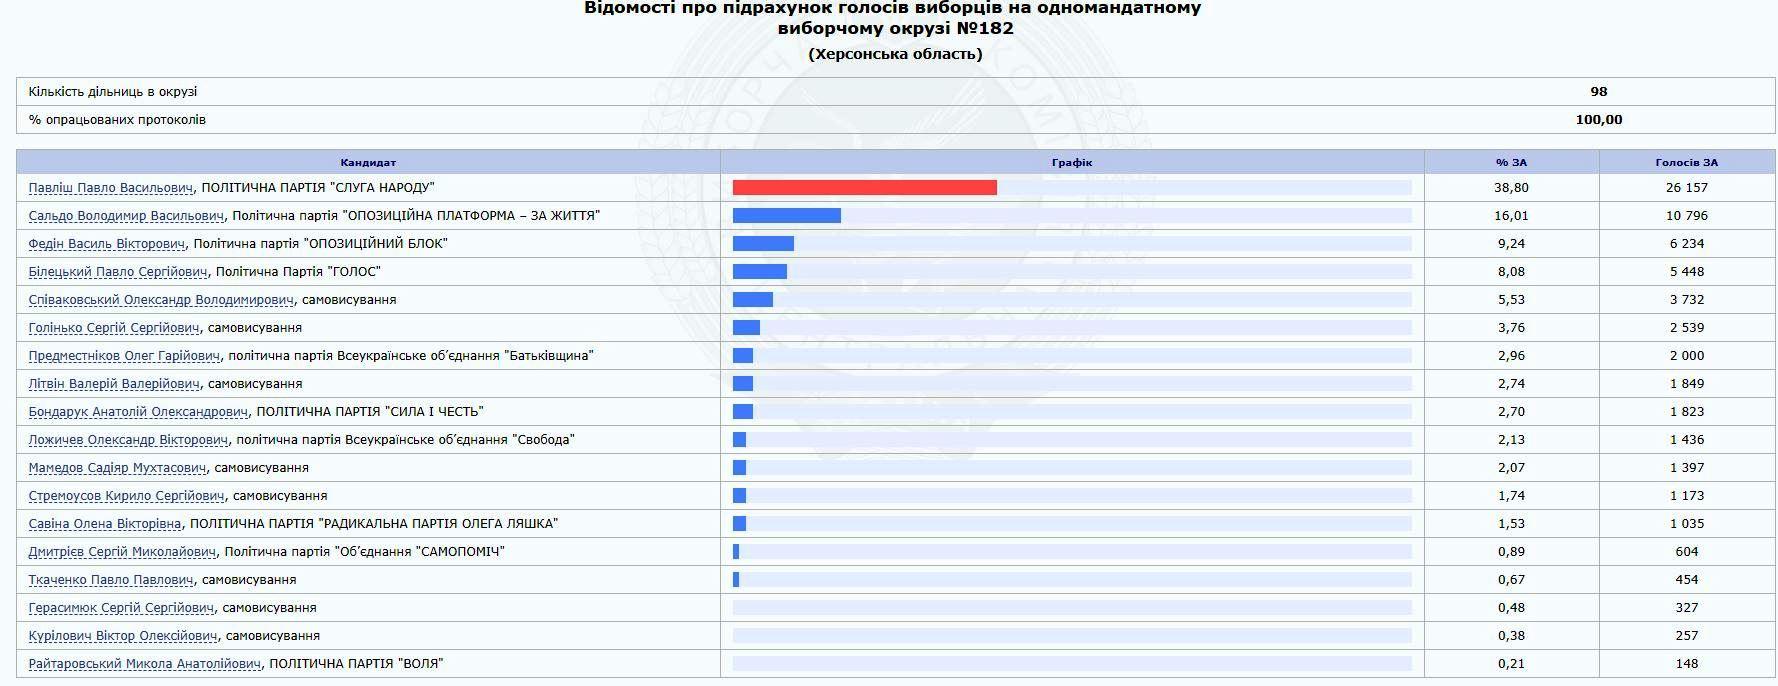 В Херсоне в 182-м избирательном округе окончательно определили победителя